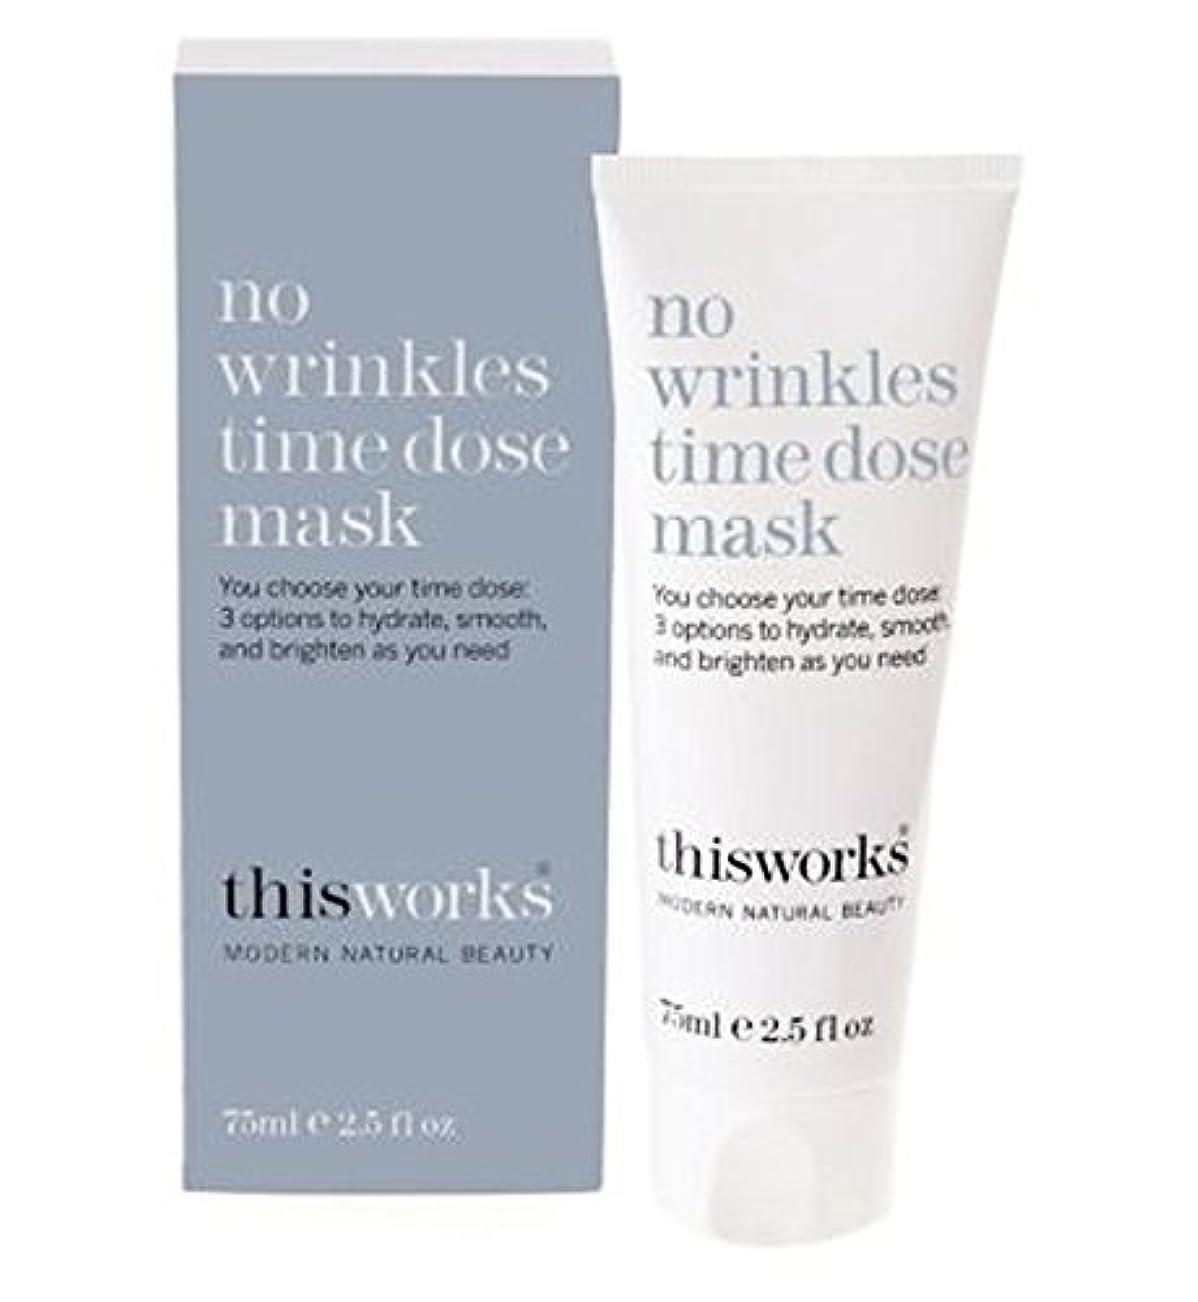 なくなるレモン飛躍This Works No Wrinkles Time Dose Mask 75ml - これにはしわ時間線量マスクの75ミリリットルの作品はありません (This Works) [並行輸入品]